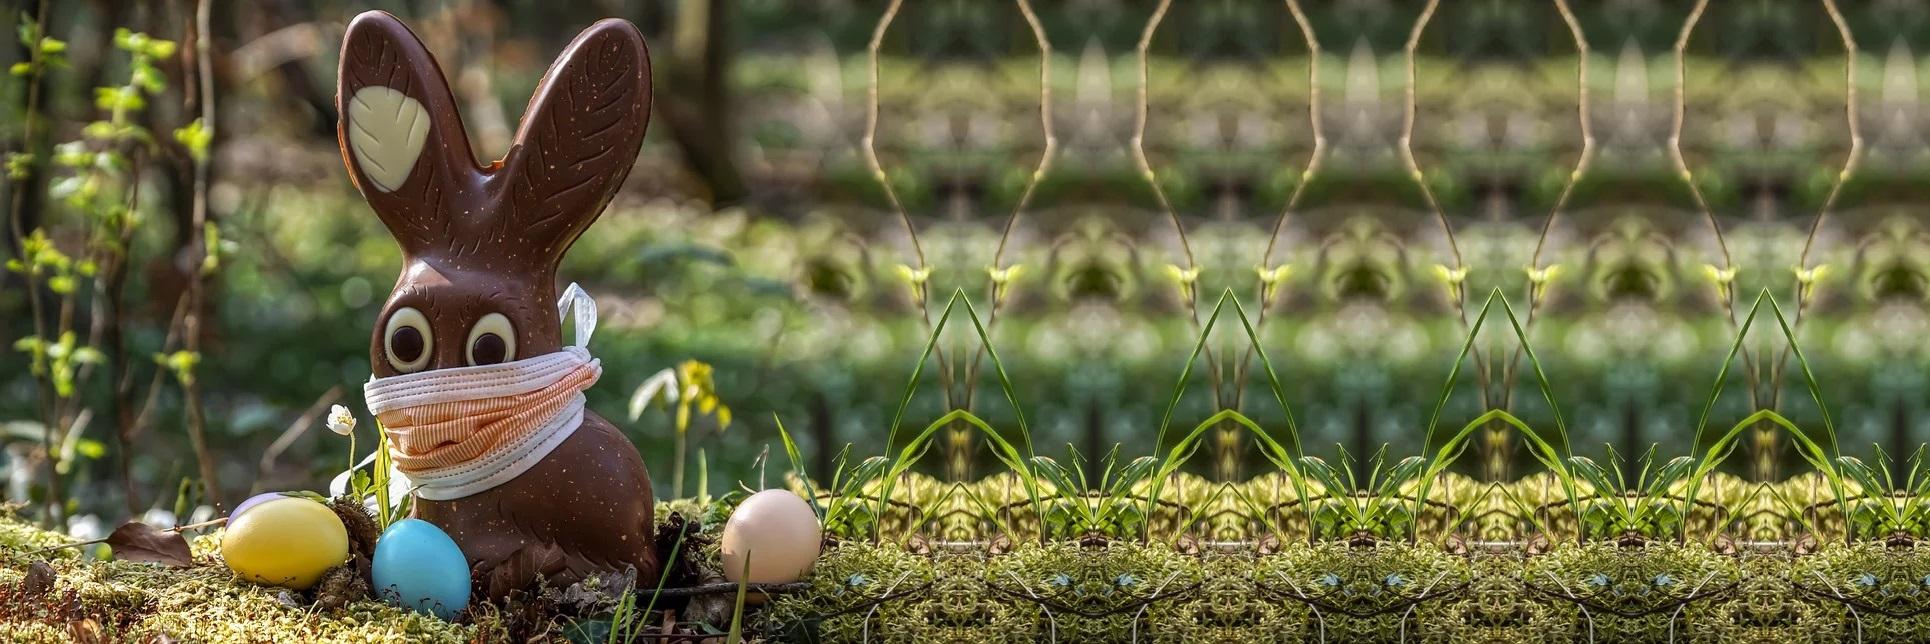 Mundschutz Mode, Mundschutzmode, Eier färben, Stilvoll schützen in der Krise! Geschenkidee für das Osterfest. Geschenke zu Ostern bestellen! Ostergeschenke und originelle Ideen finden und Online kaufen!